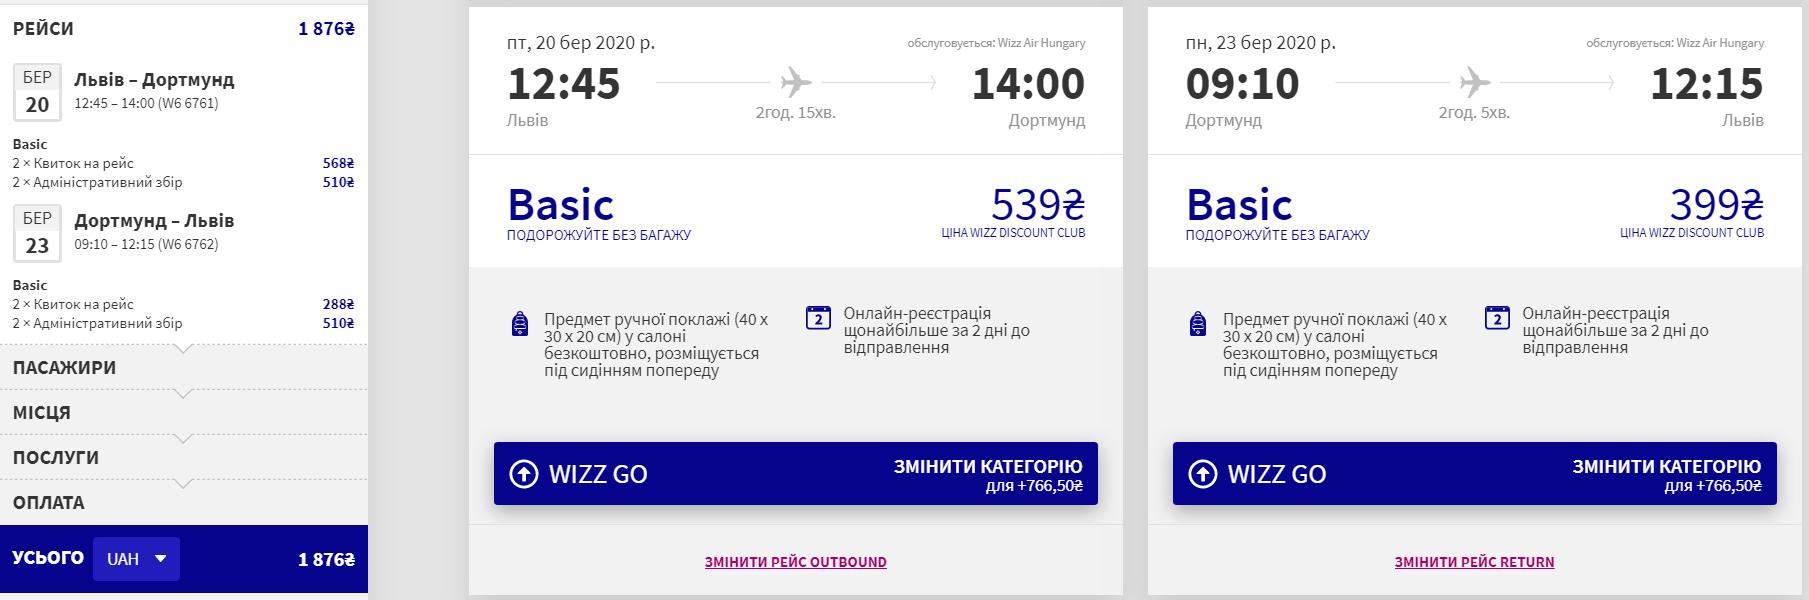 Львів - Дортмунд - Львів >>